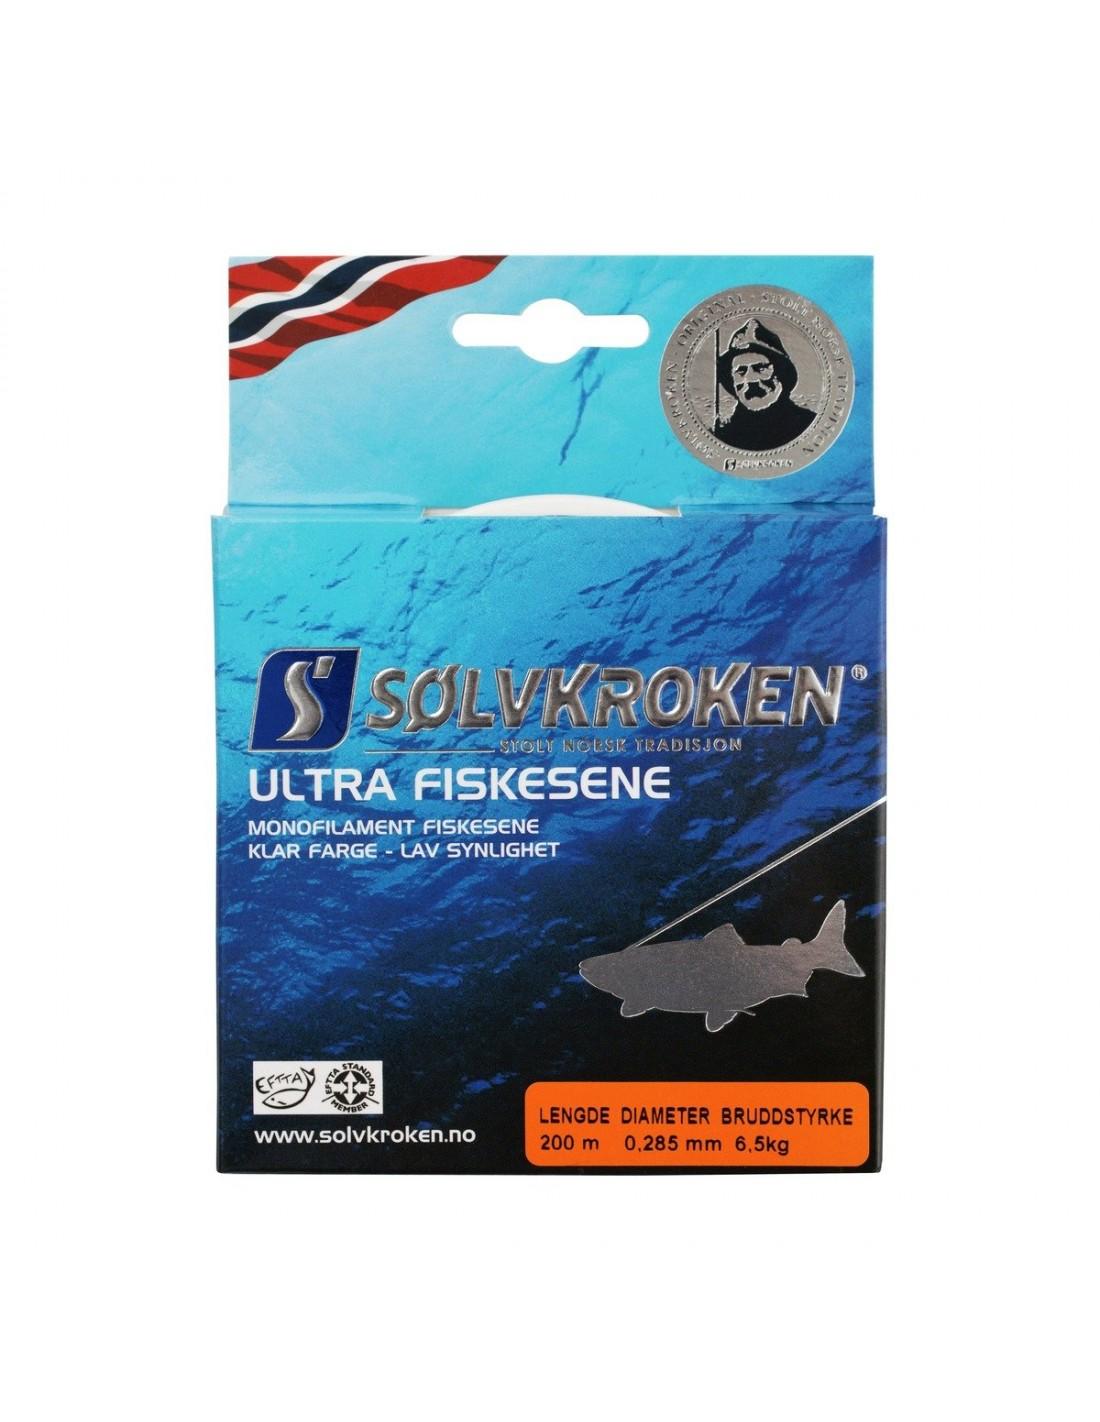 Sener Sølvkroken Ultra Sene Clear 507711 169 kr